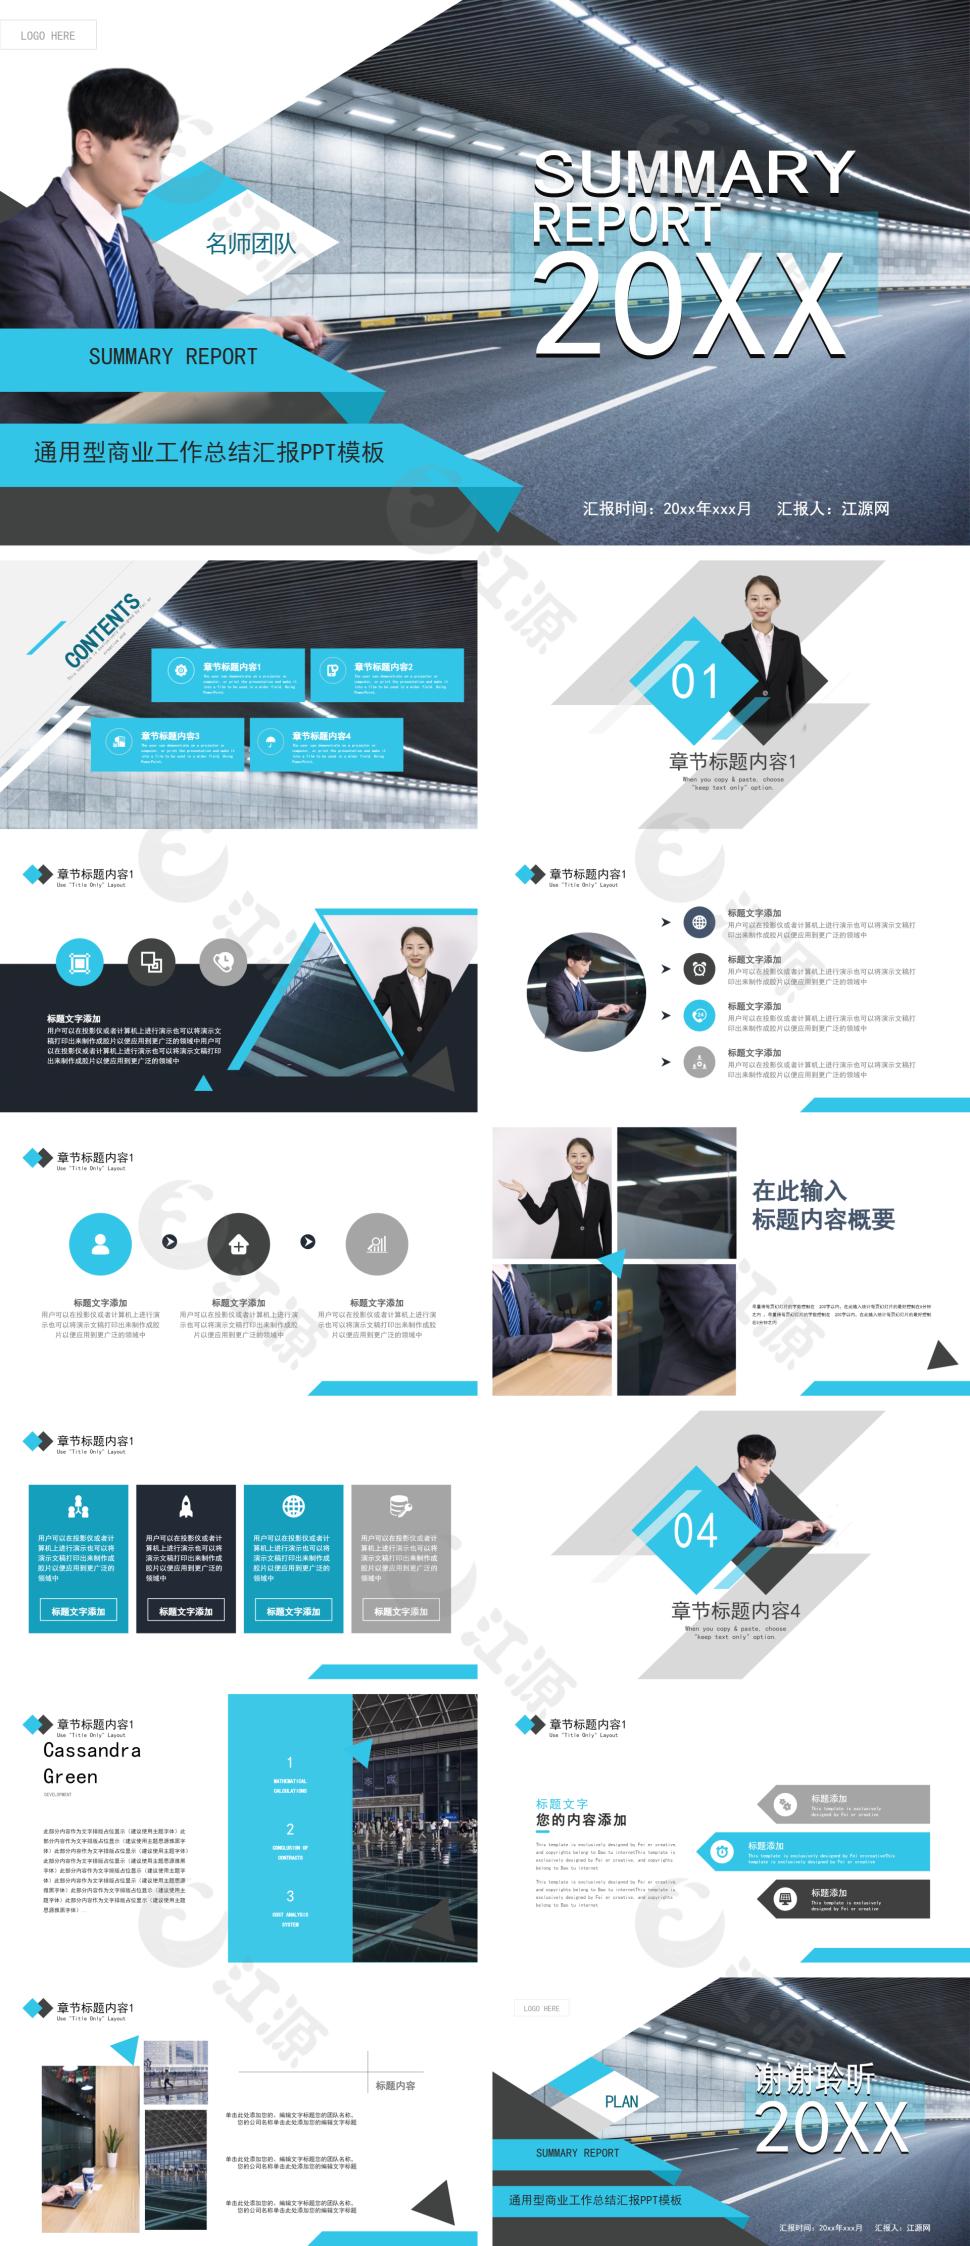 蓝色人物介绍通用型工作总结汇报简历PPT模板